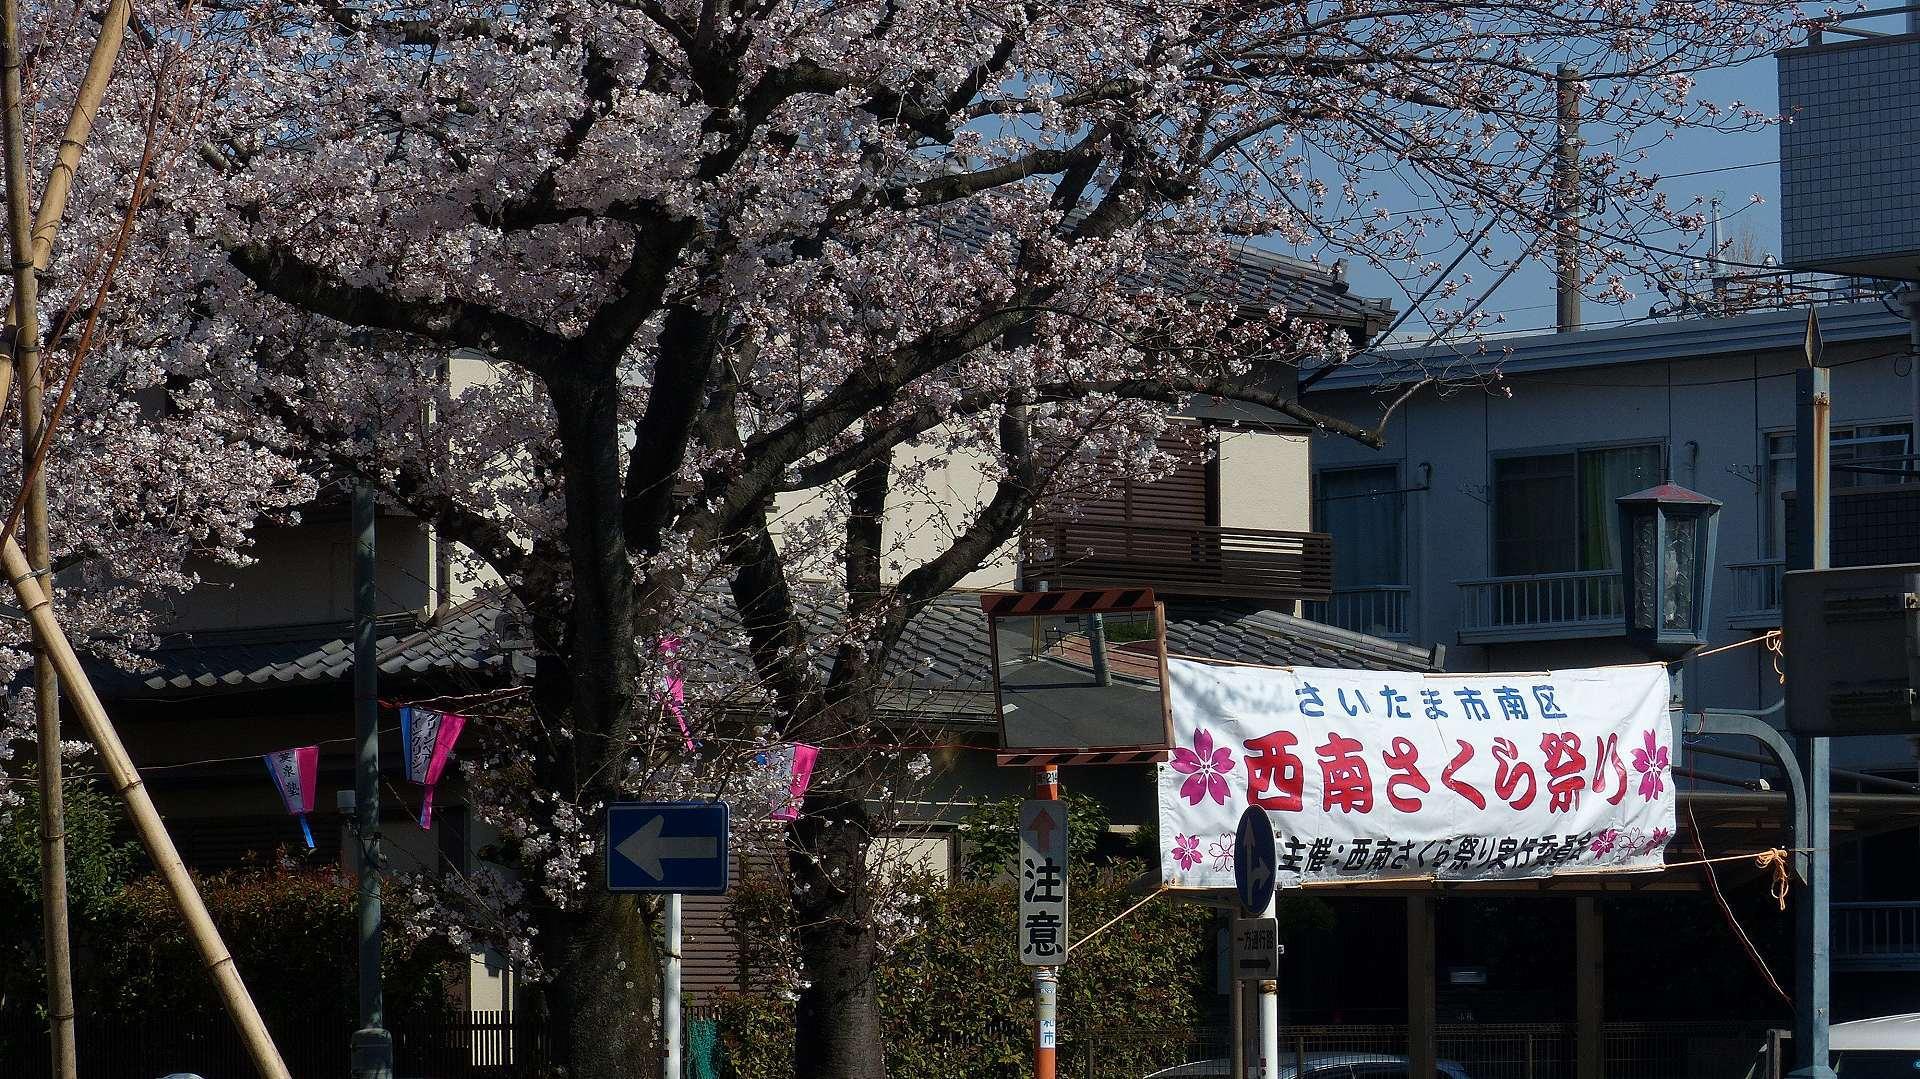 桜の便りに誘われて 【 2018 3/25(日) 】_a0185081_15134288.jpg